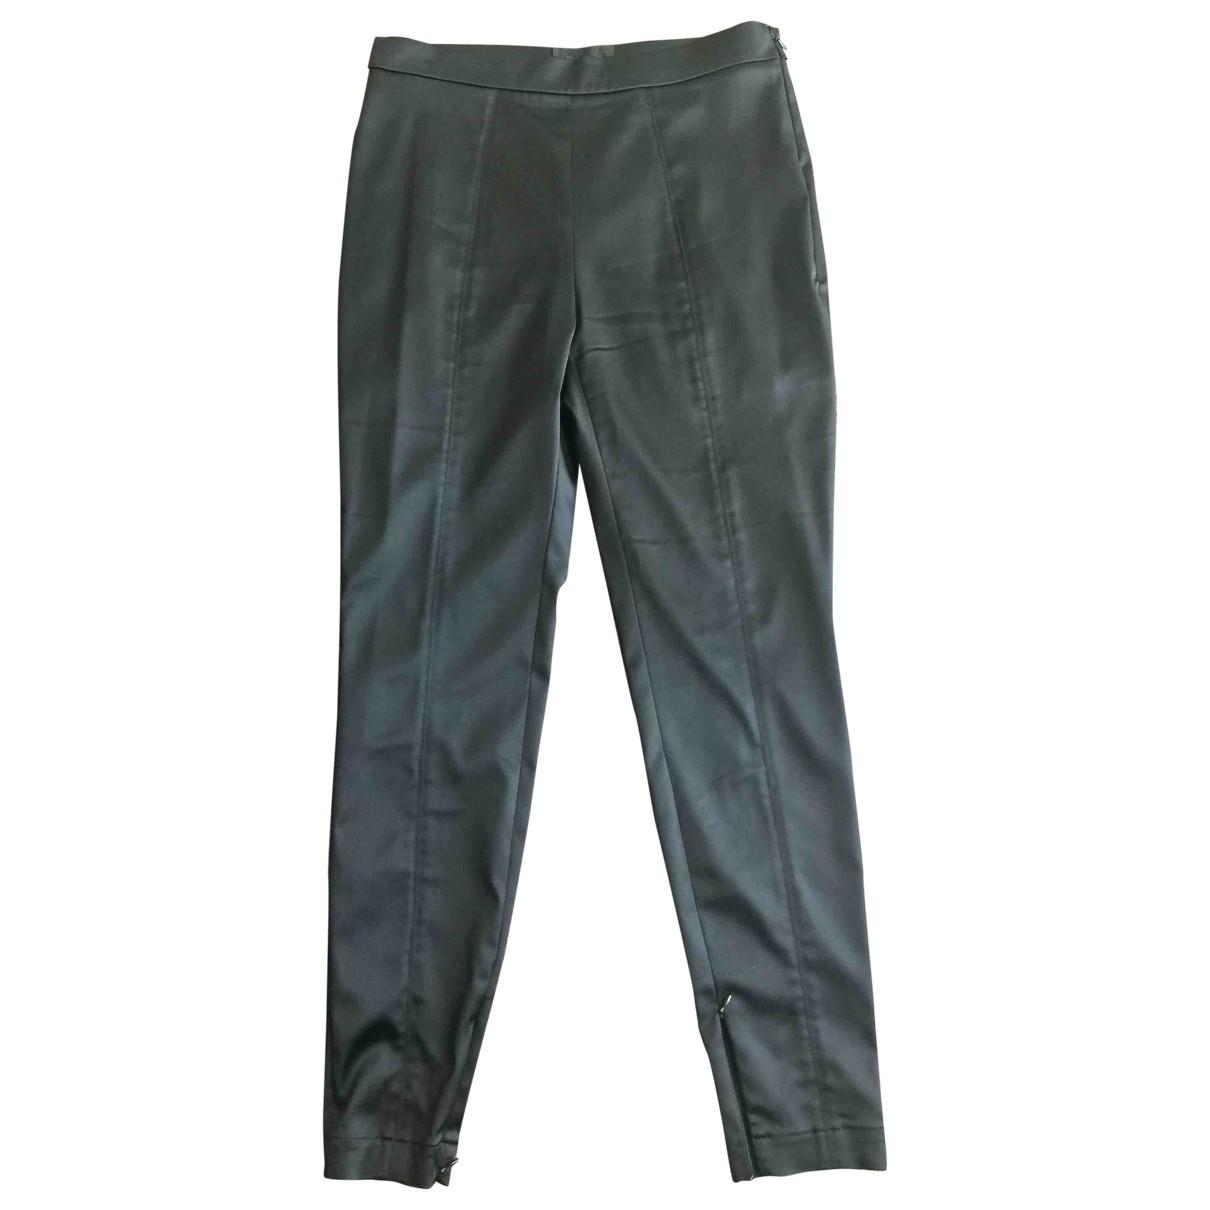 D&g \N Black Trousers for Women 46 IT